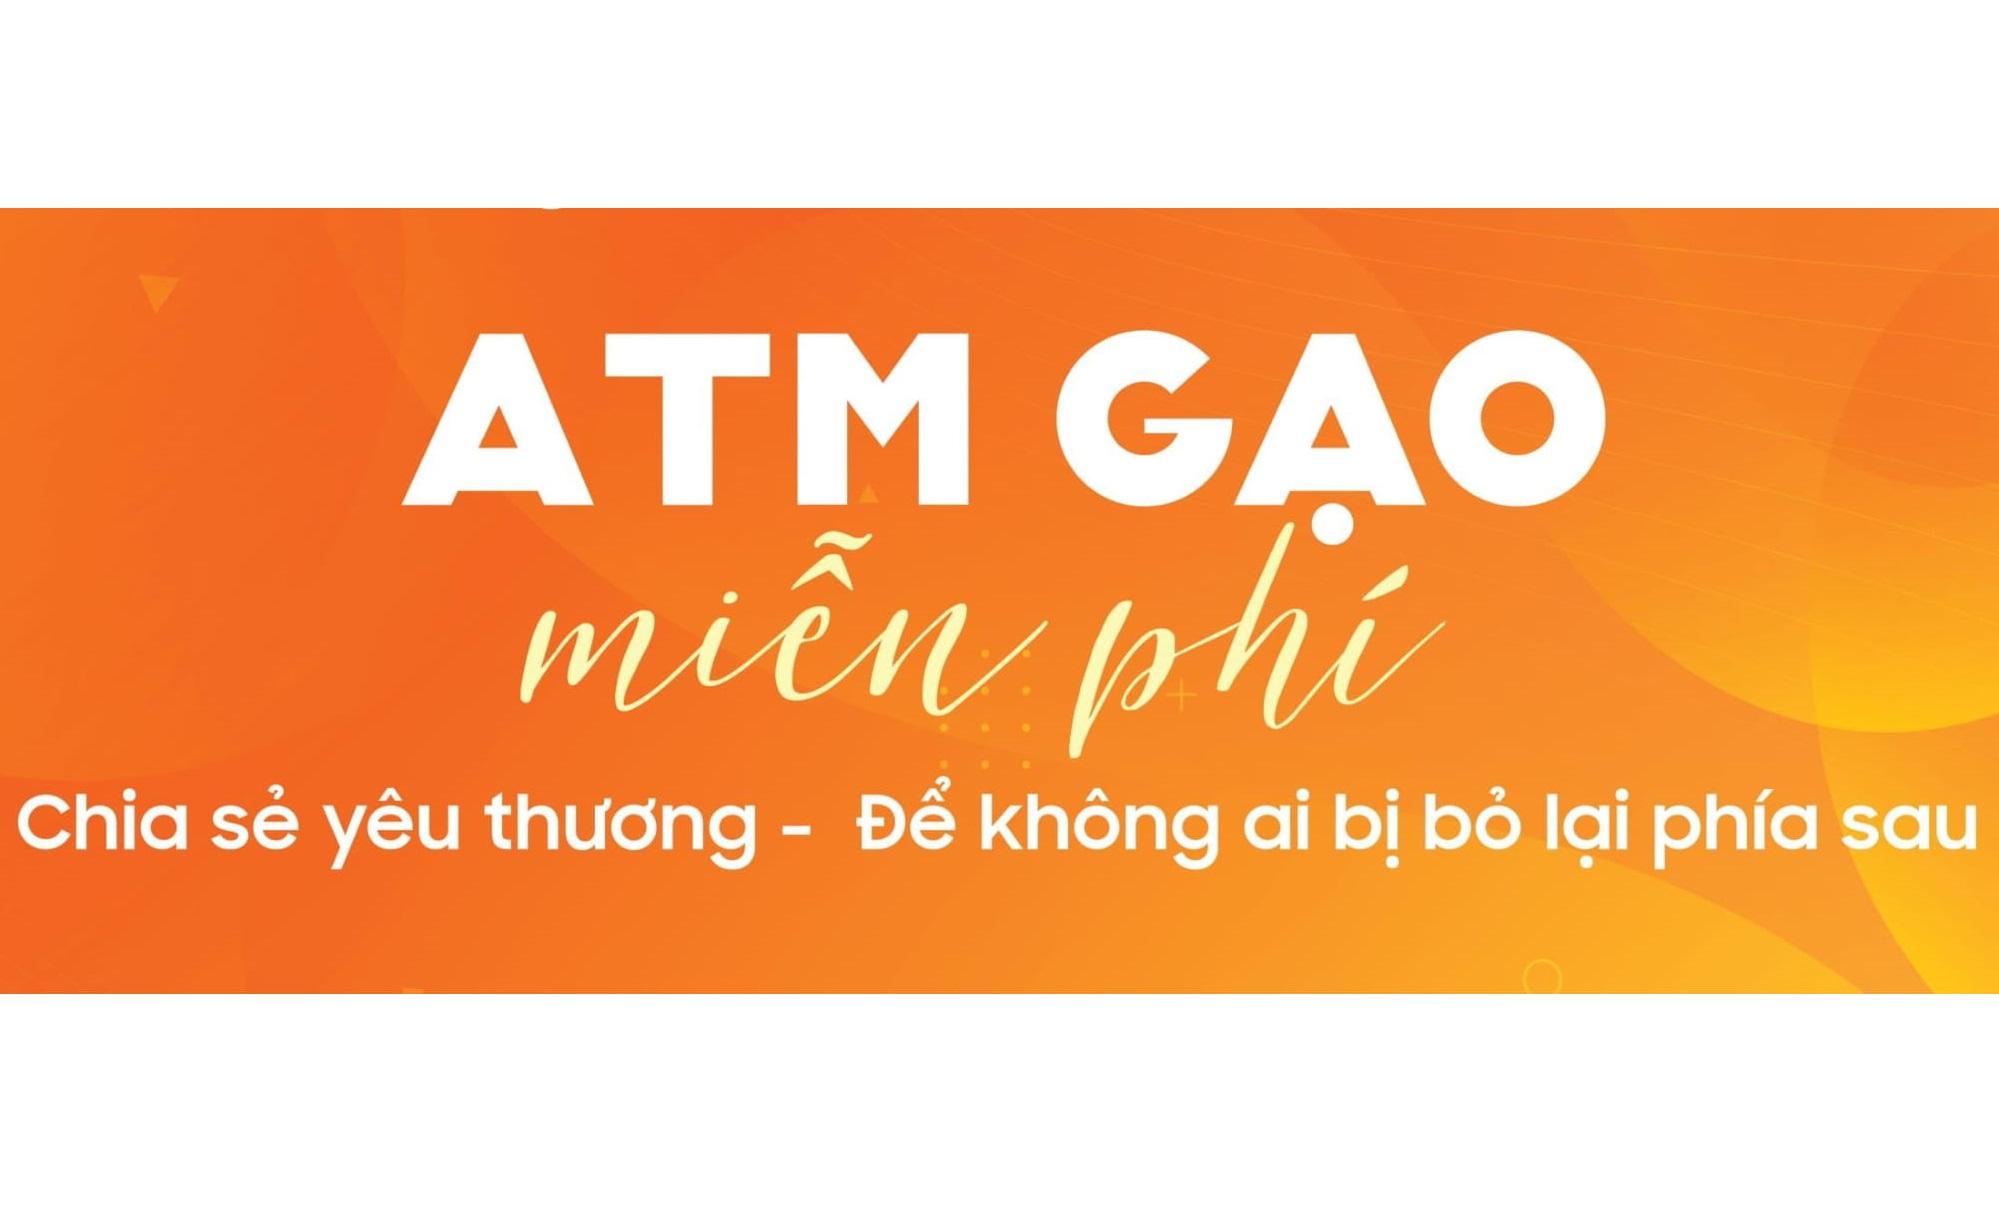 (TCBC Số 2) V/V Triển khai ATM gạo miễn phí thứ hai tại Hà Nội